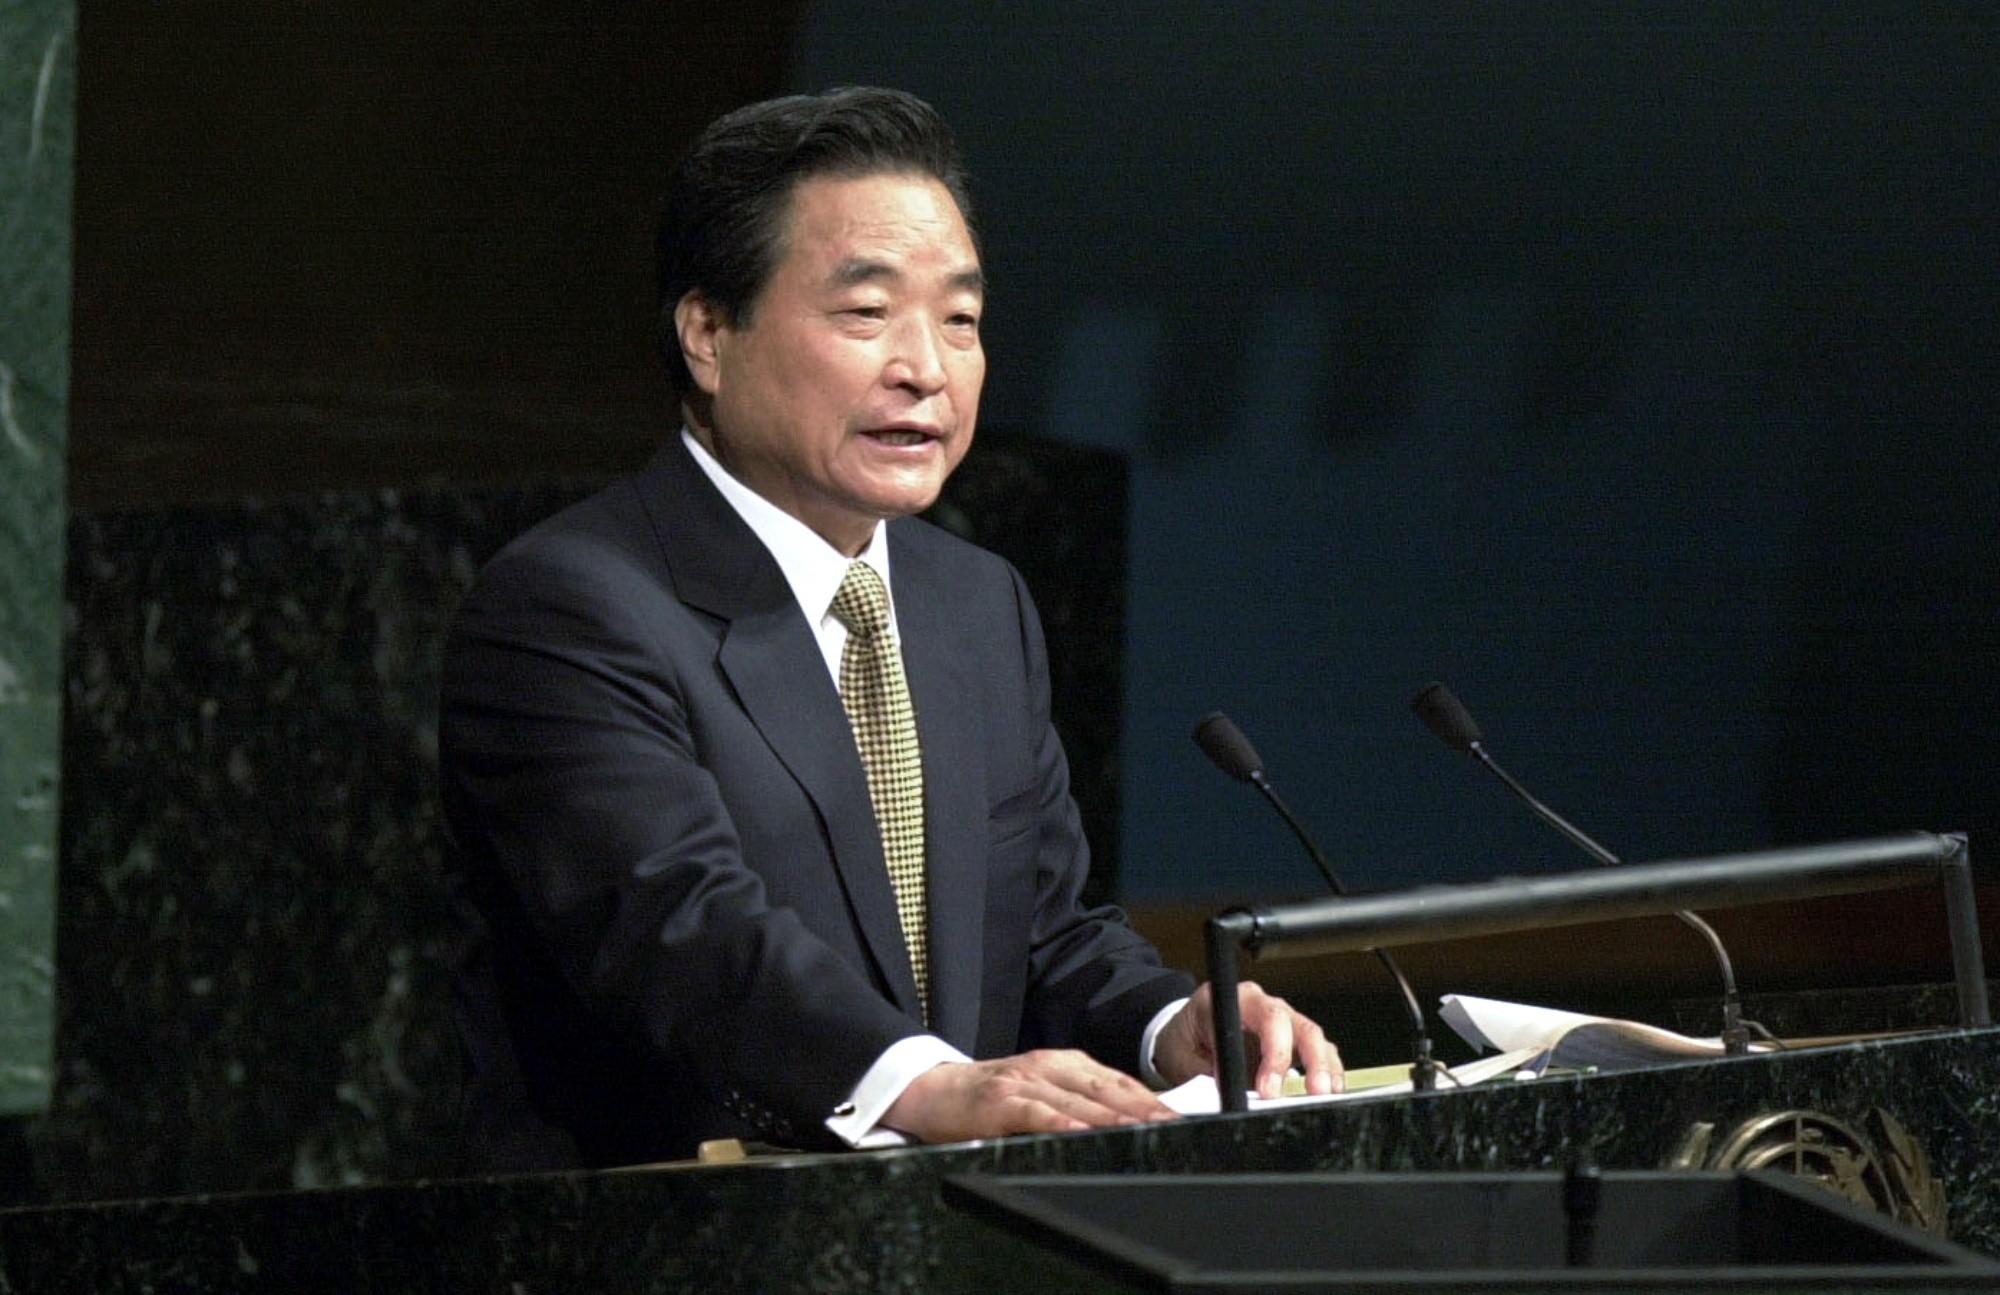 ▲▼南韓前國務總理李漢東病逝,享壽87歲。(圖/達志影像/shutterstock)